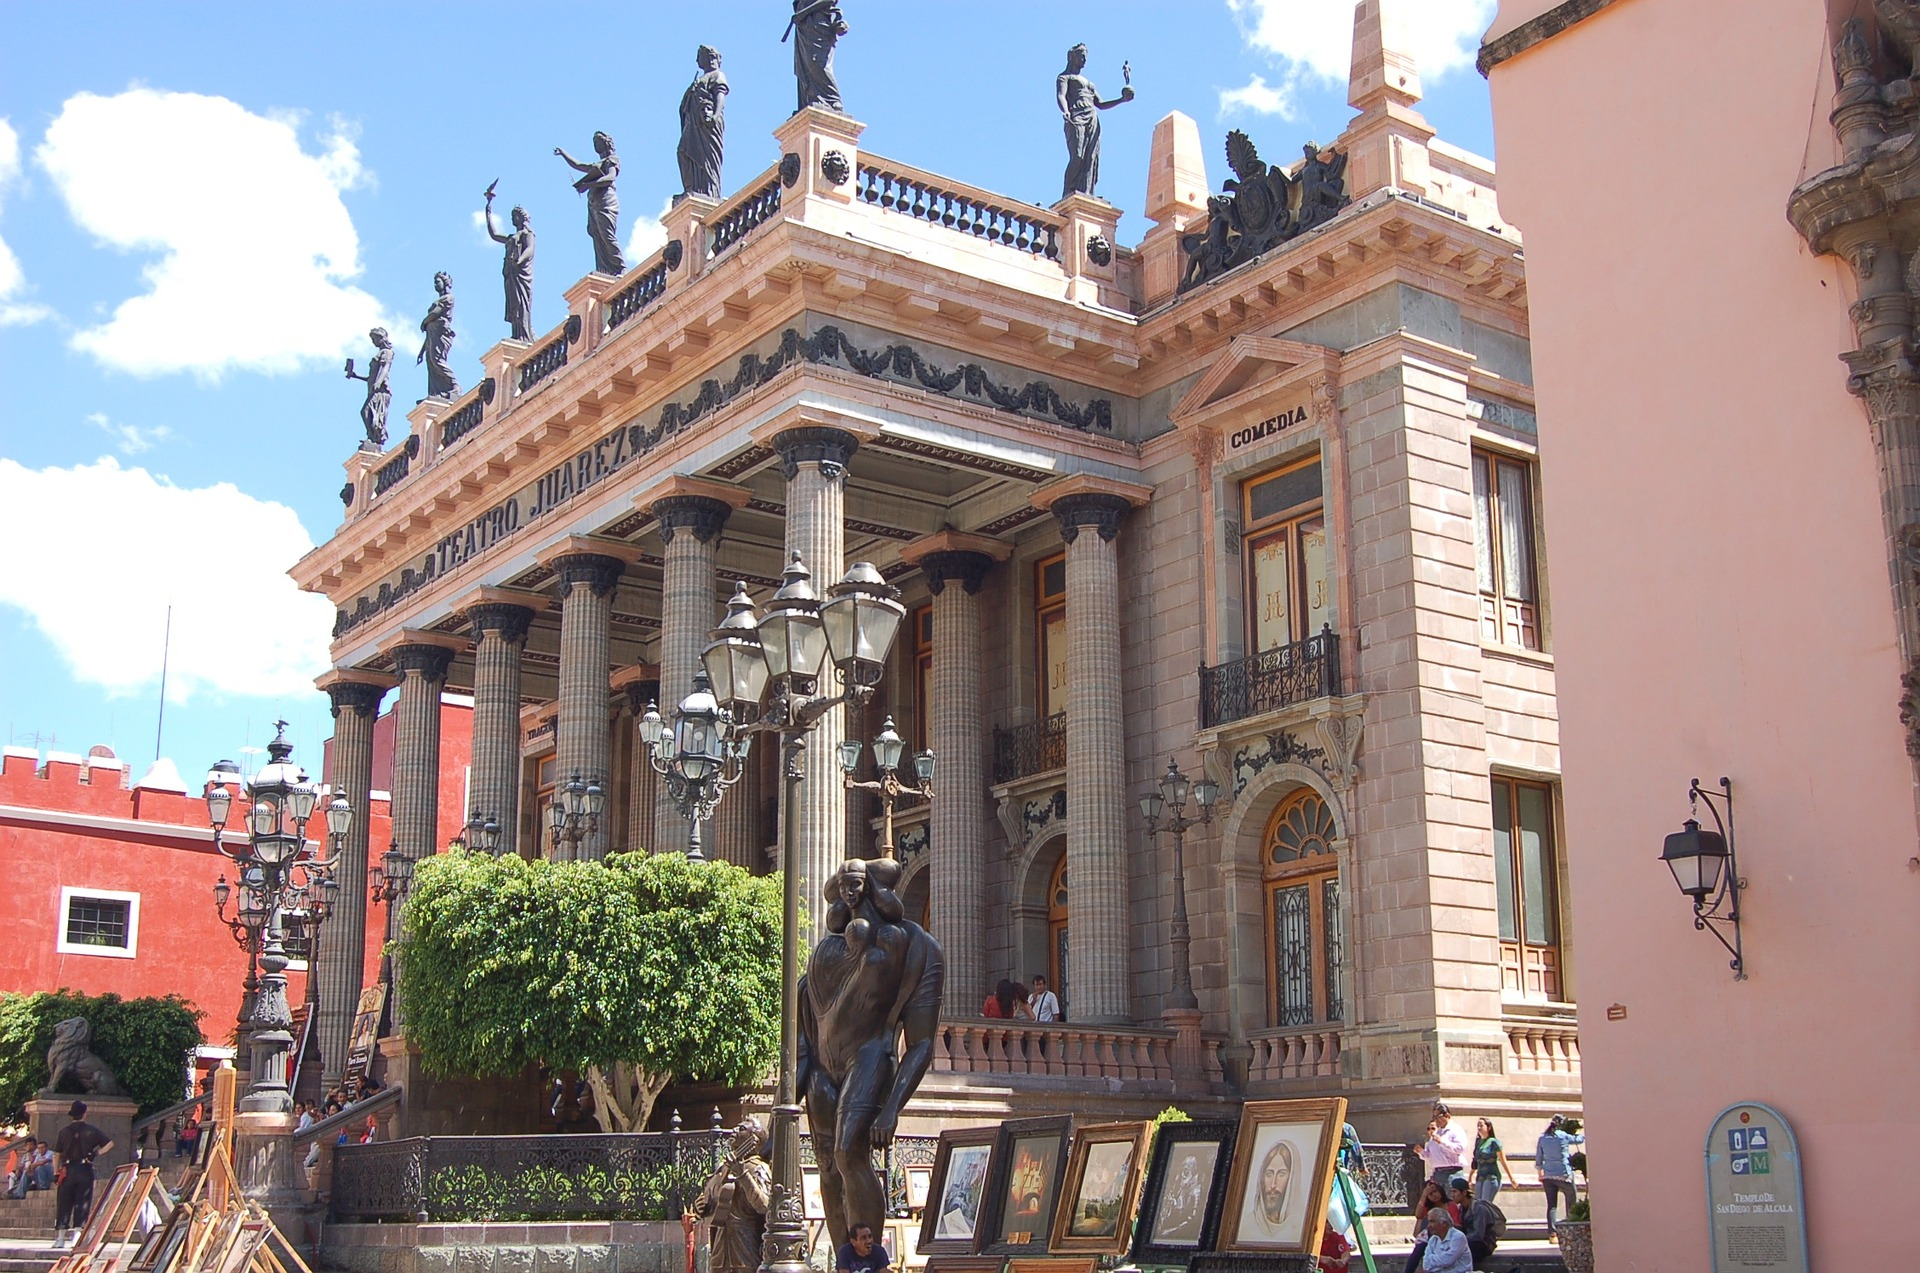 Guanajuato - Theater